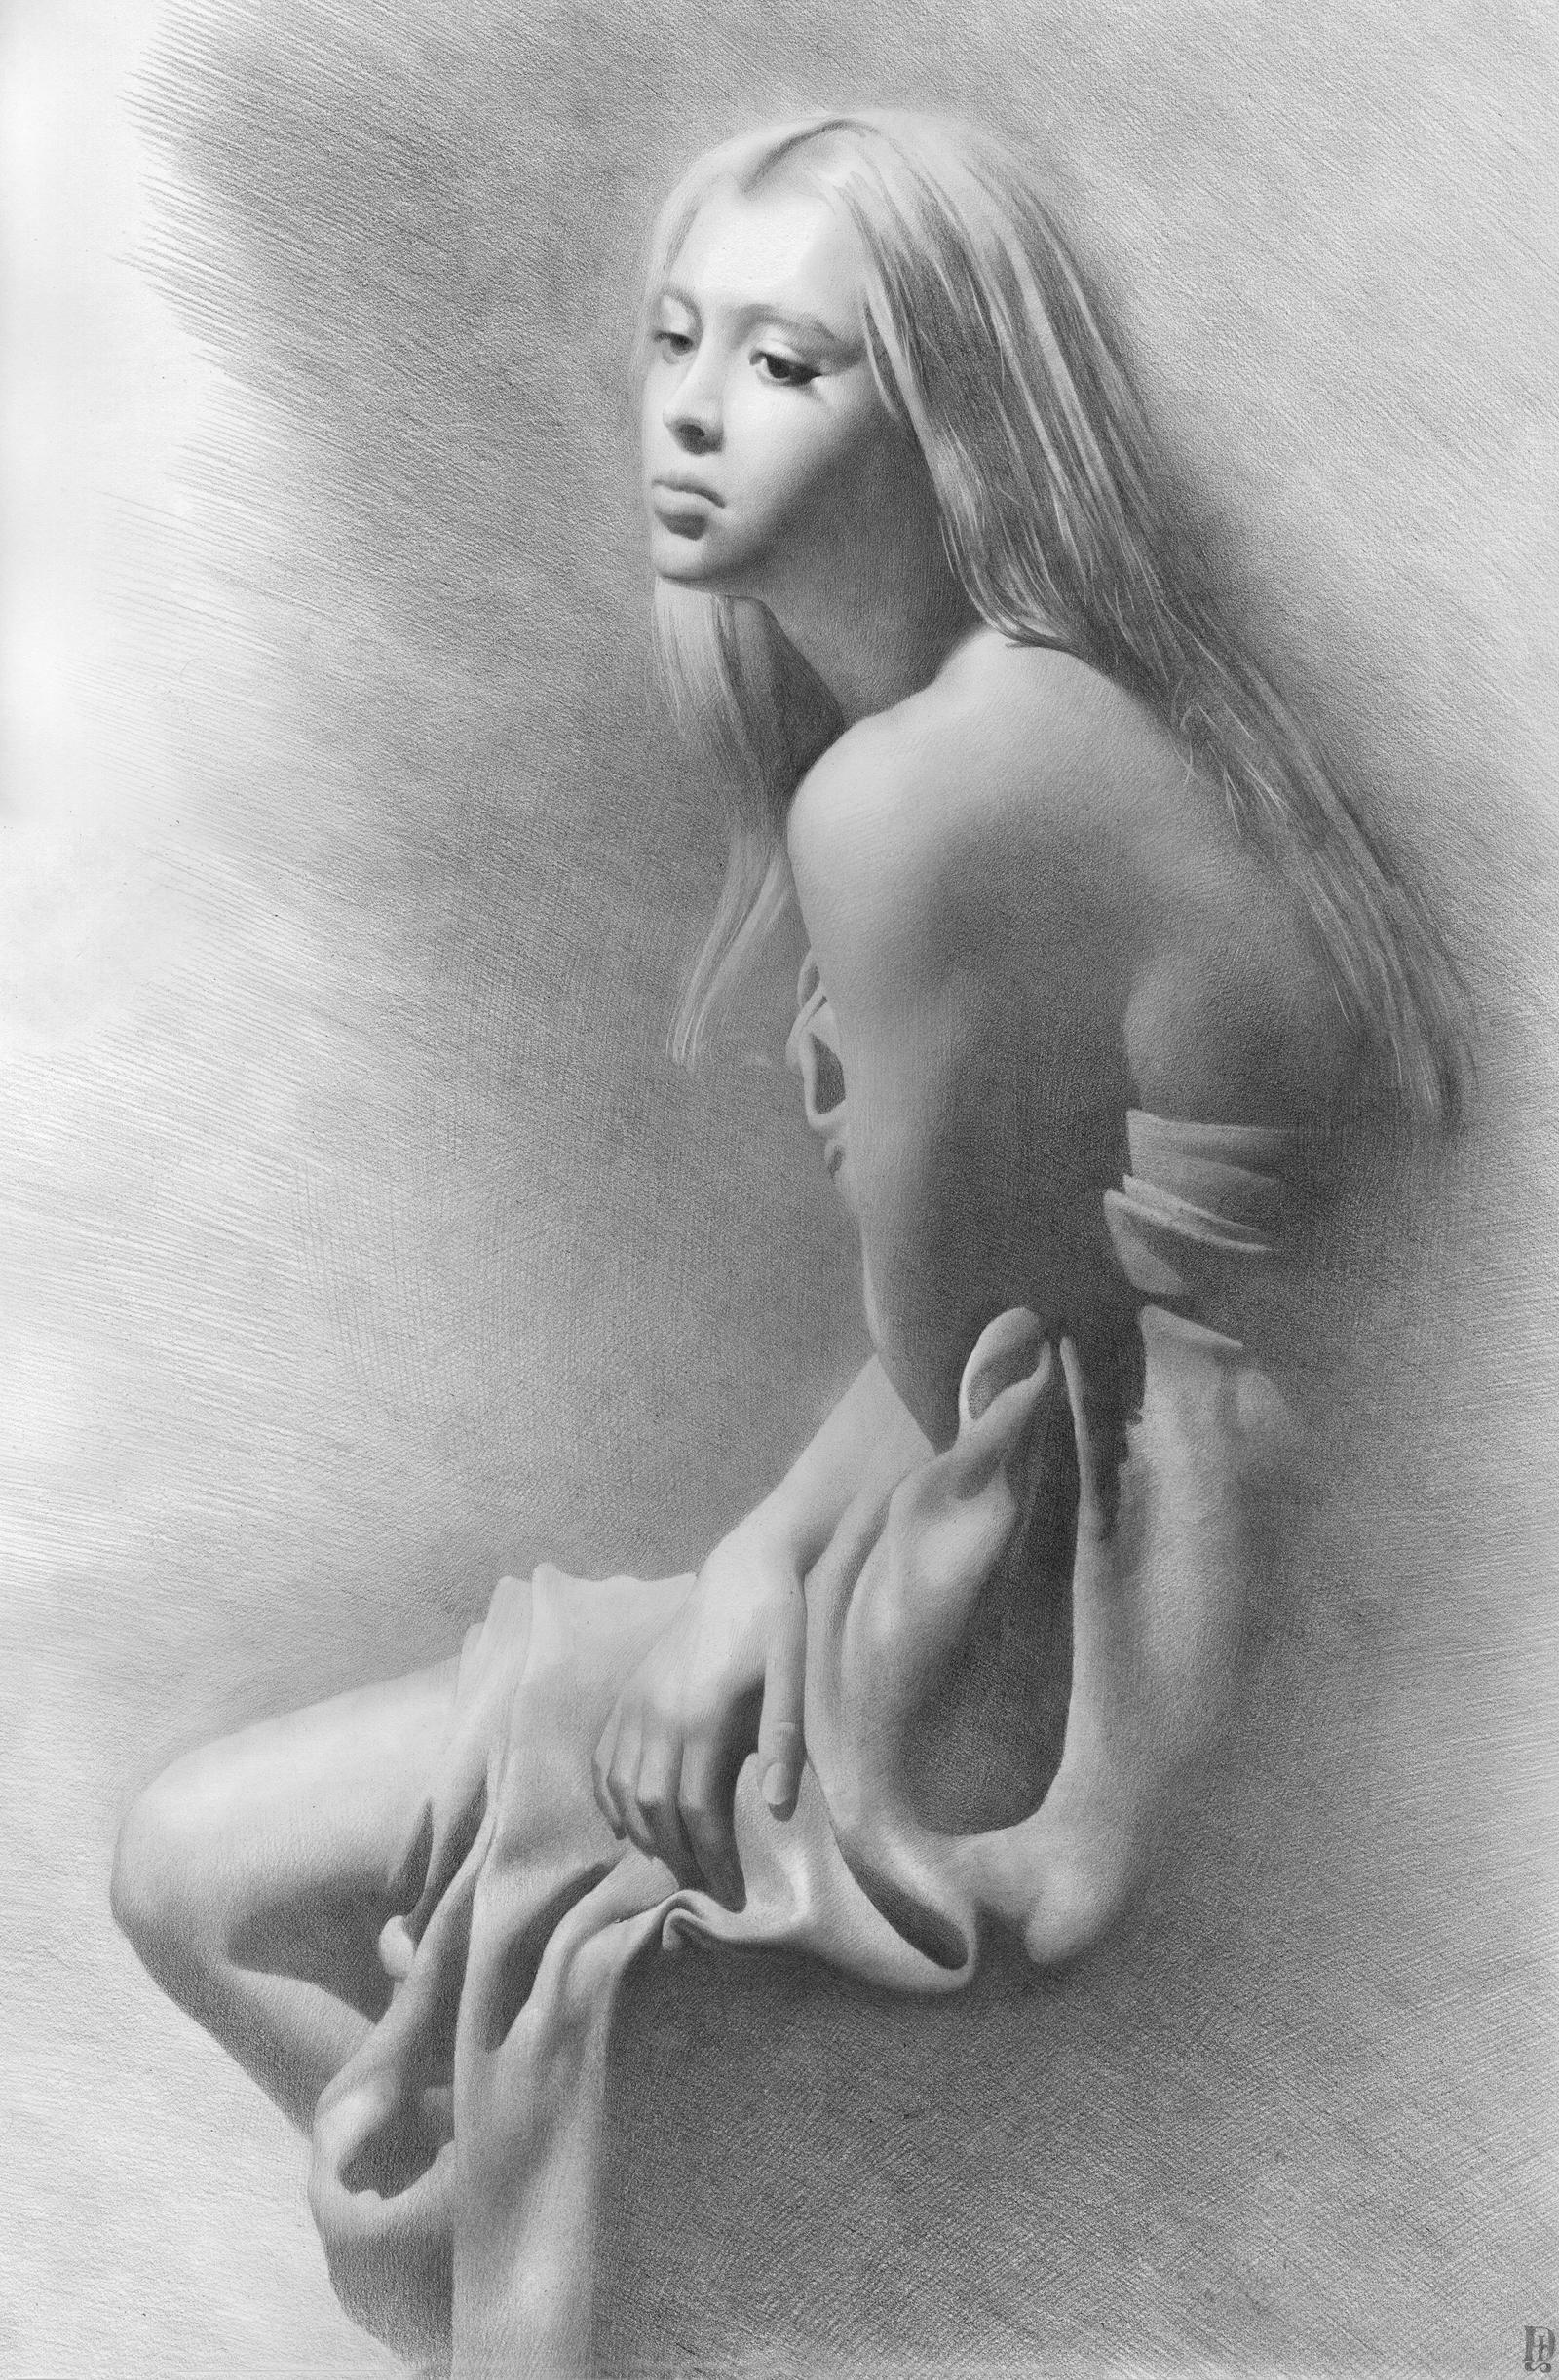 Рисунки карандашом голой девушки 24 фотография